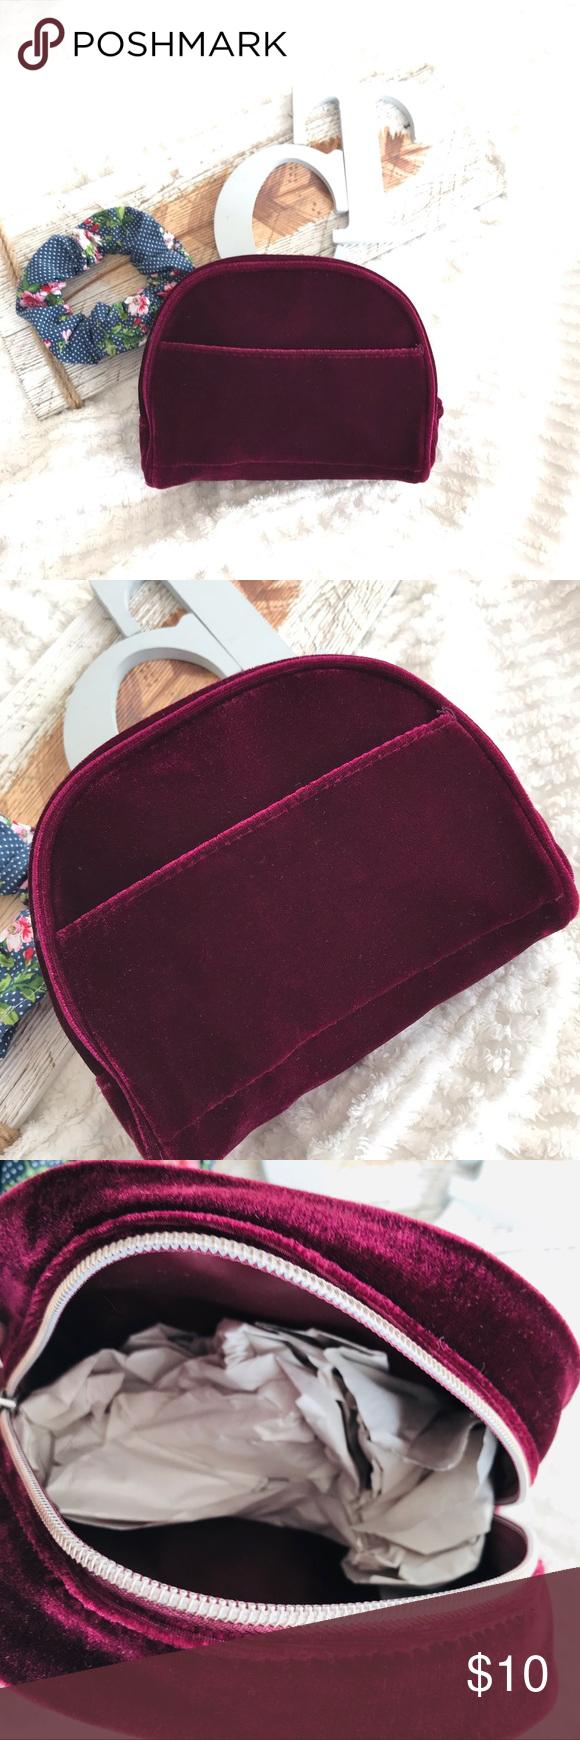 """NWT Crushed Velvet Makeup Cosmetic Bag Side Pocket 7""""x6"""